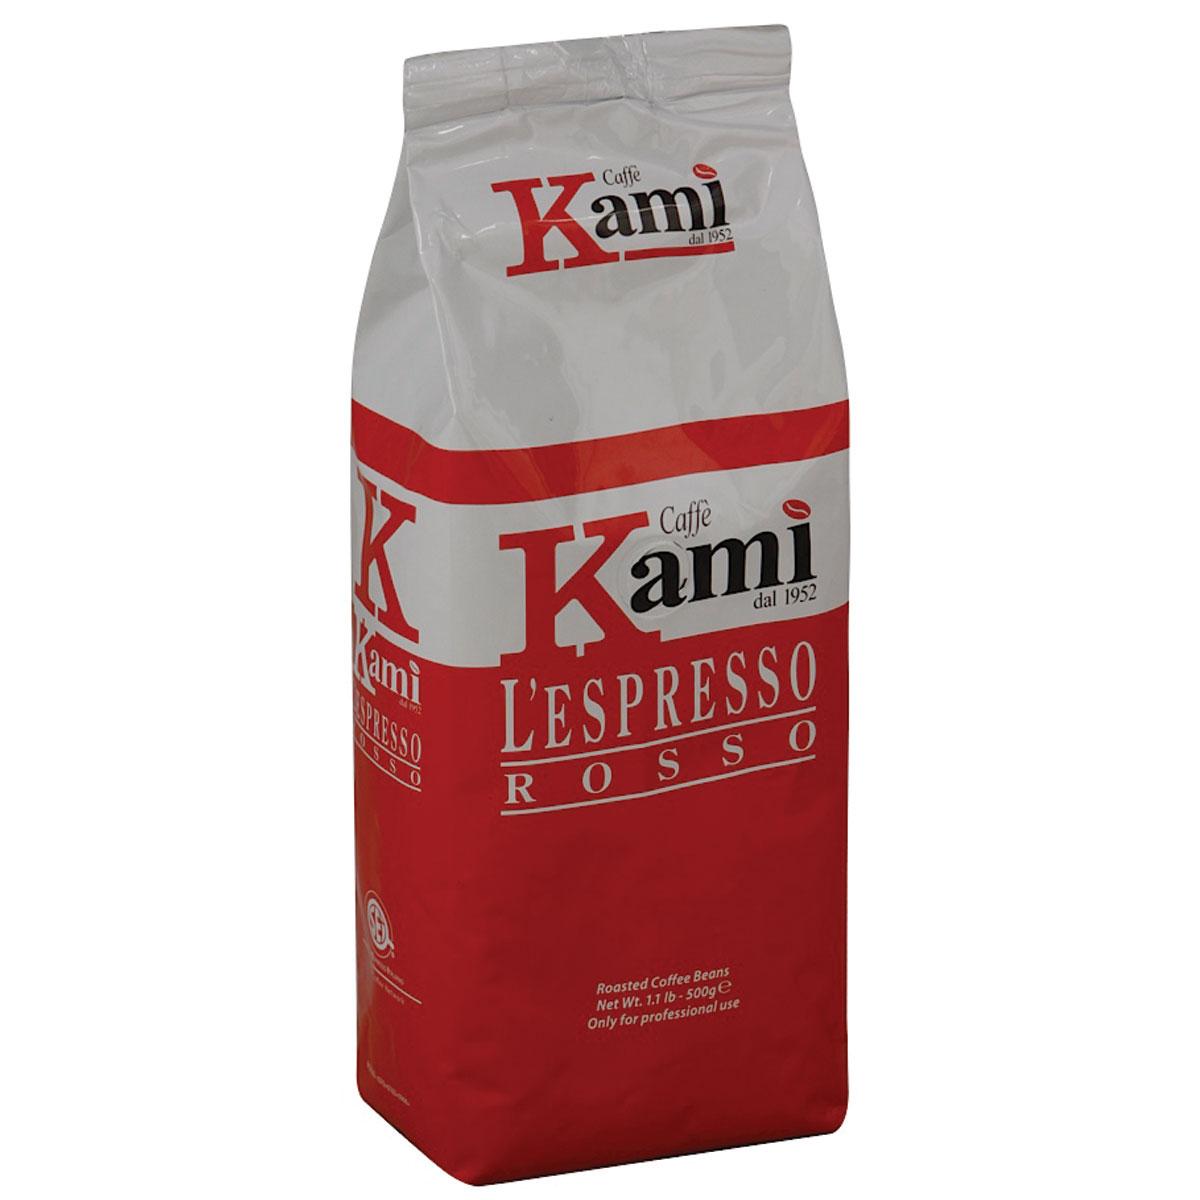 Kami Rosso кофе в зернах, 500 г8033300583029Натуральный жареный зерновой кофе Kami Rosso. Колумбийские зерна арабики, придающие высокую плотность и сбалансированный вкус, в сочетании с индонезийской робустой, подчеркивающей нотки горького шоколада, делают эспрессо незабываемым. Рекомендуется для приготовления ристретто, эспрессо, капучино. Состав смеси: 75% арабика, 25% робуста.